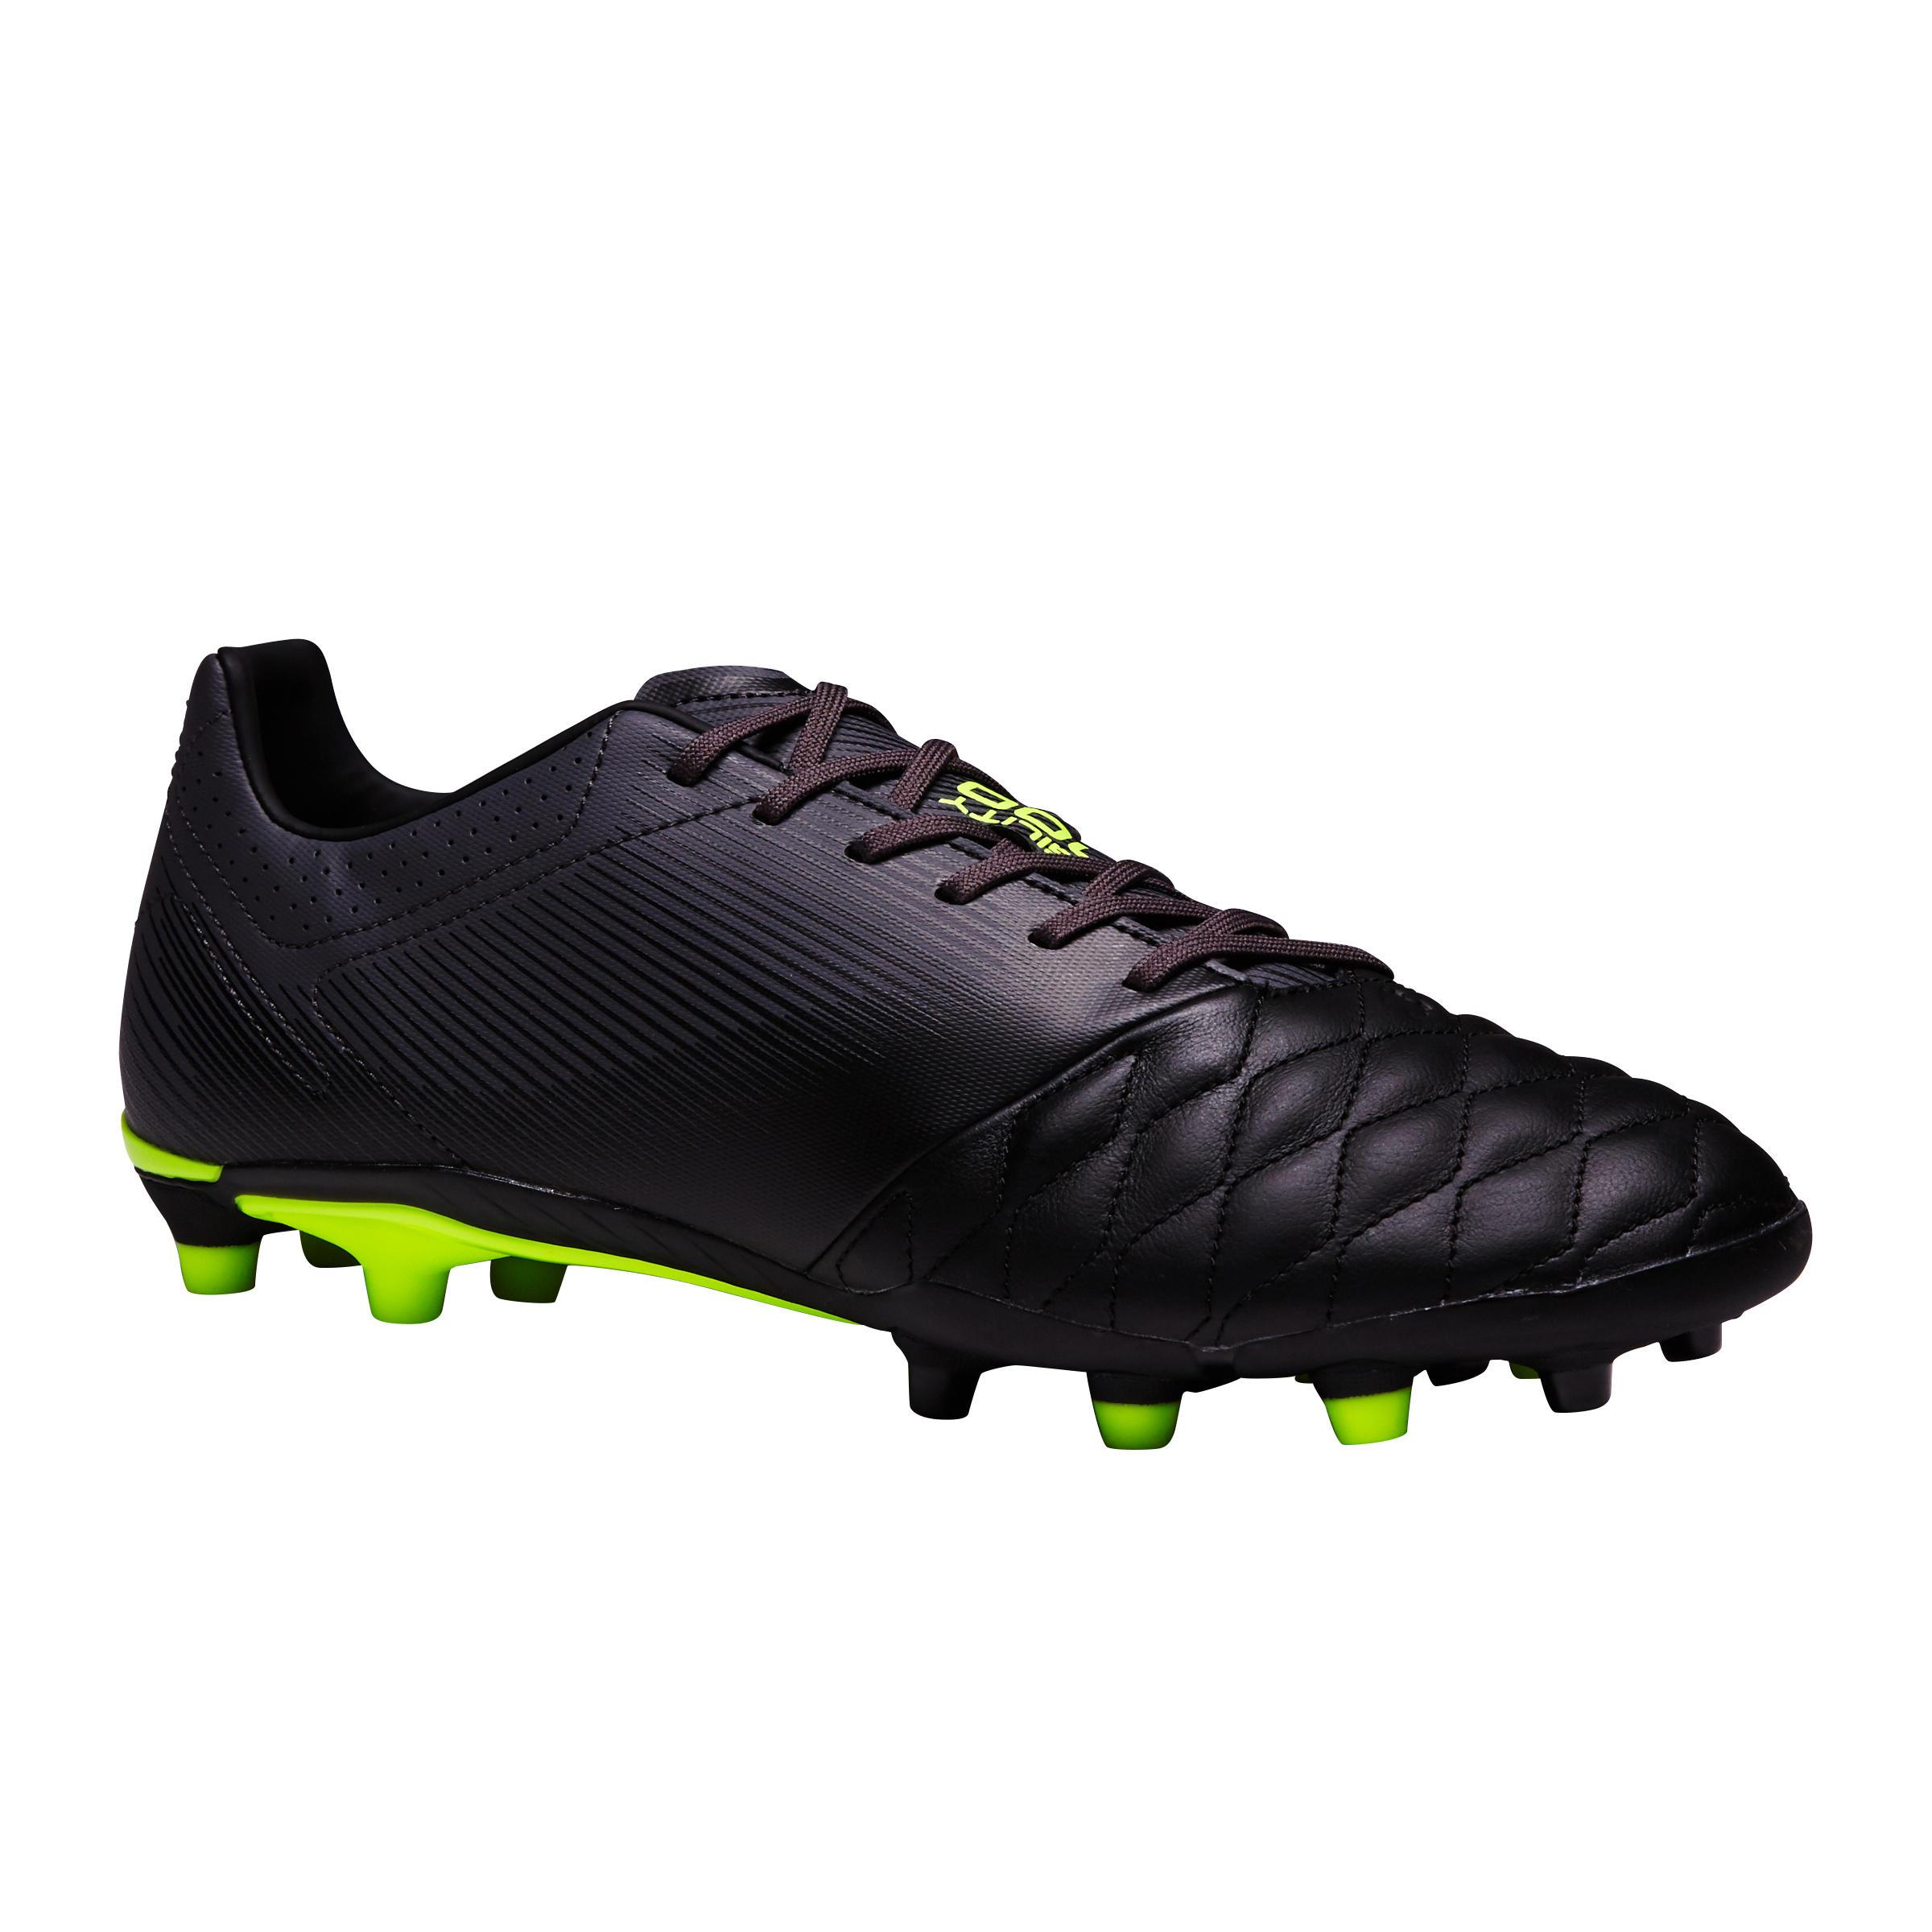 Comprar Botas de Fútbol Adultos y Zapatillas  7bff0c6fb87ac